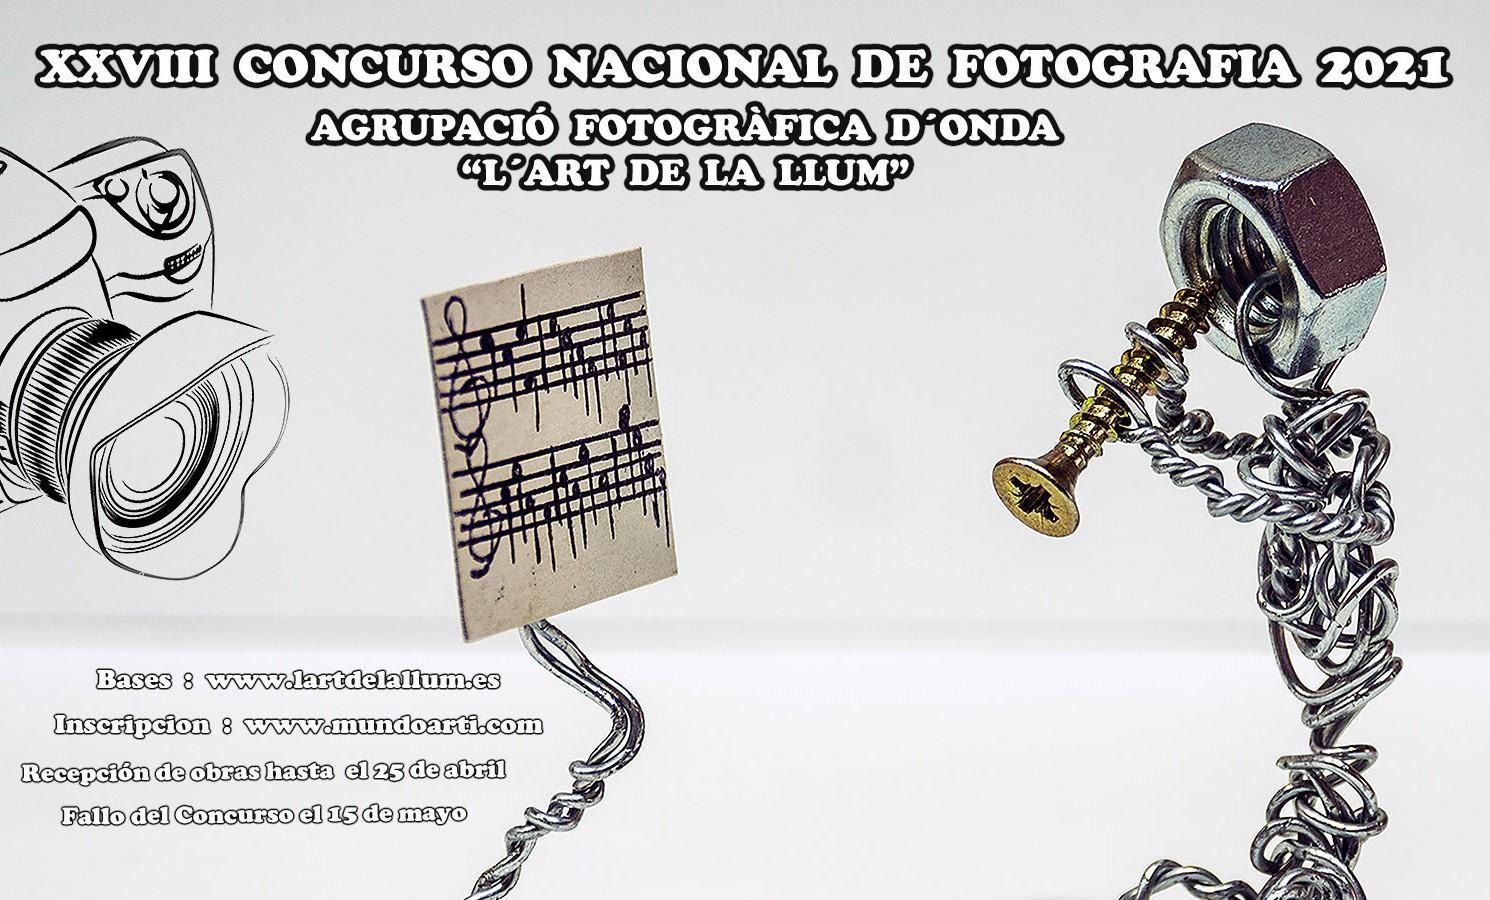 """XXVIII CONCURSO NACIONAL DE FOTOGRAFÍA 2021 """"L'ART DE LA LLUM"""""""